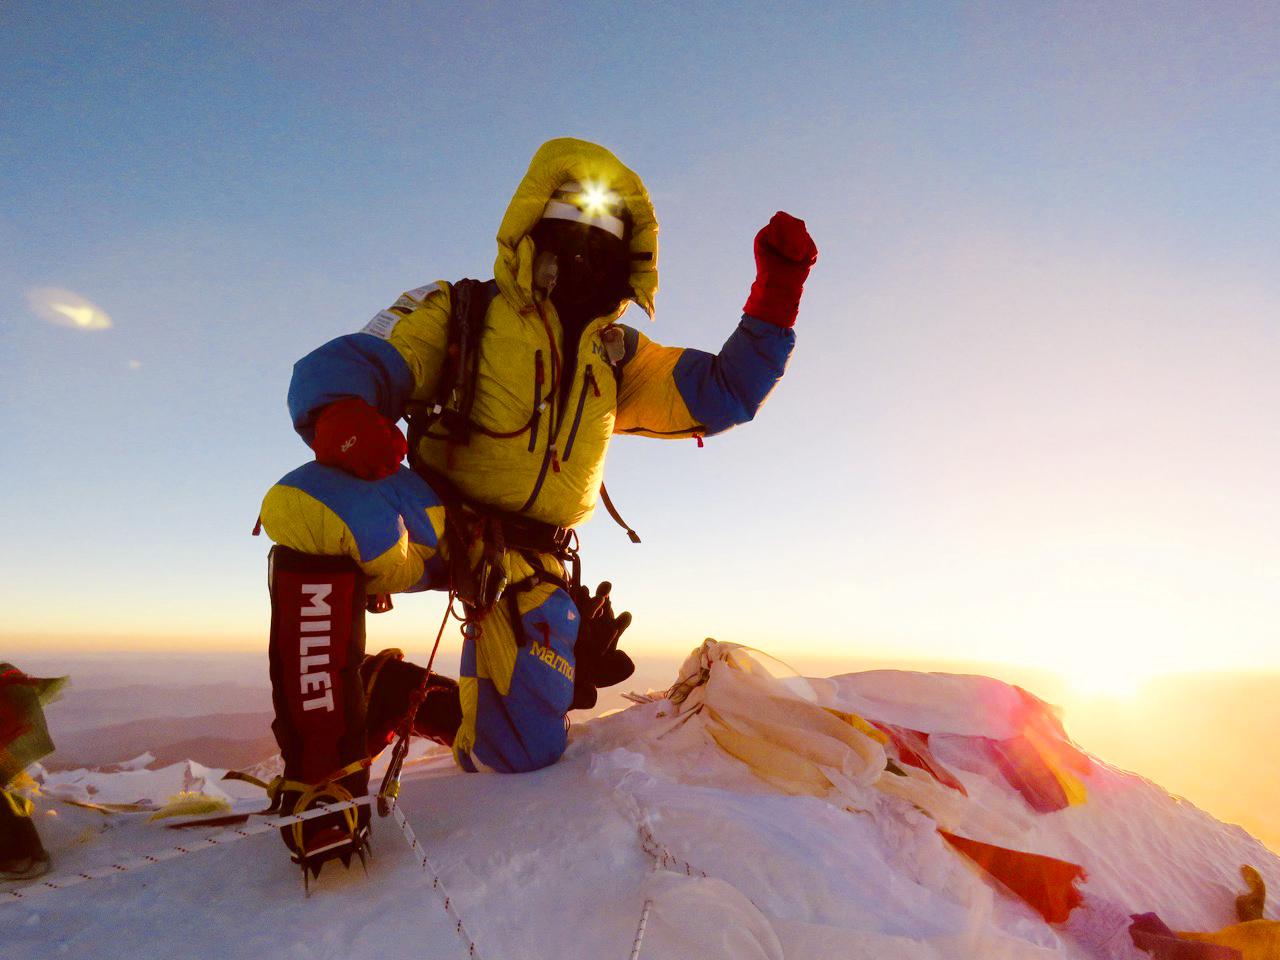 Joe White, Everest.jpg